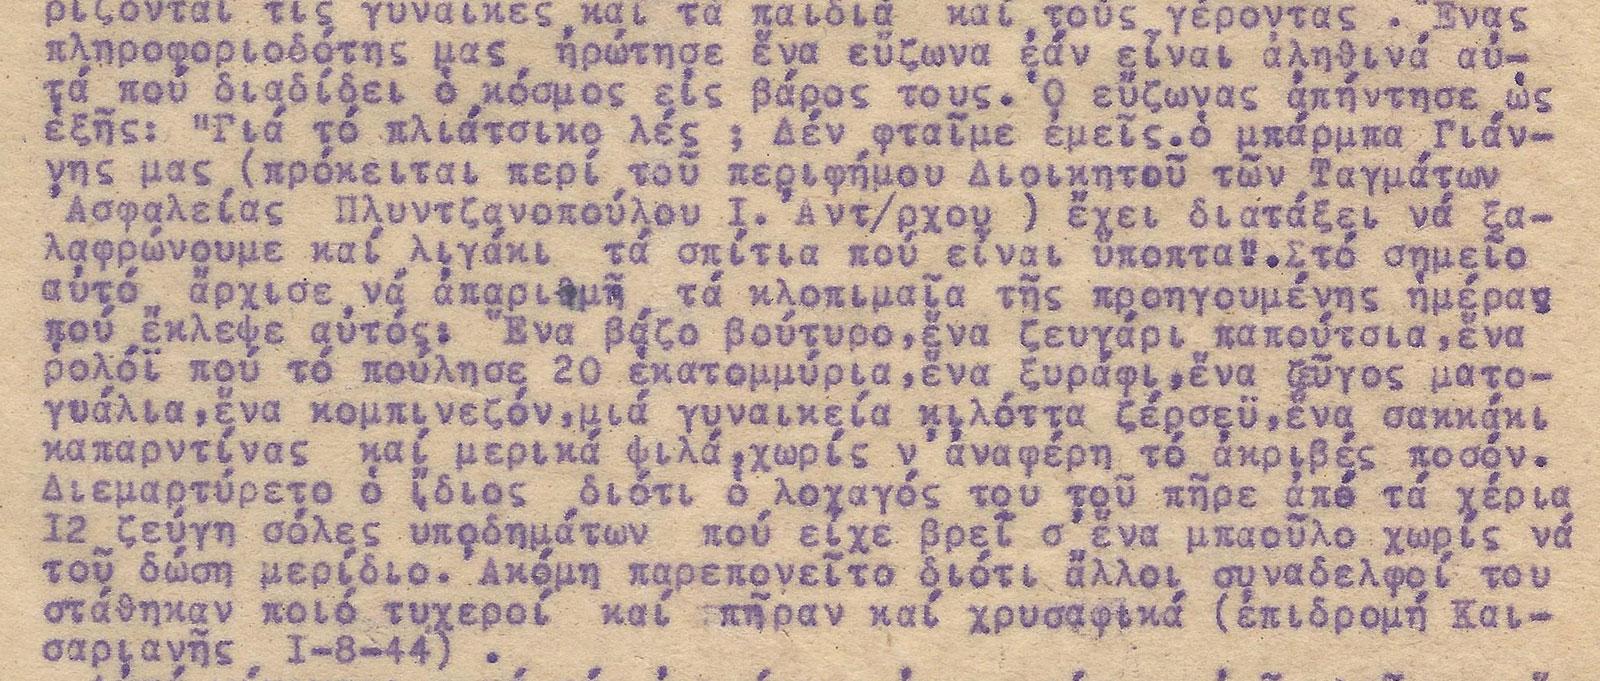 tagma-asfaleias-1944-02